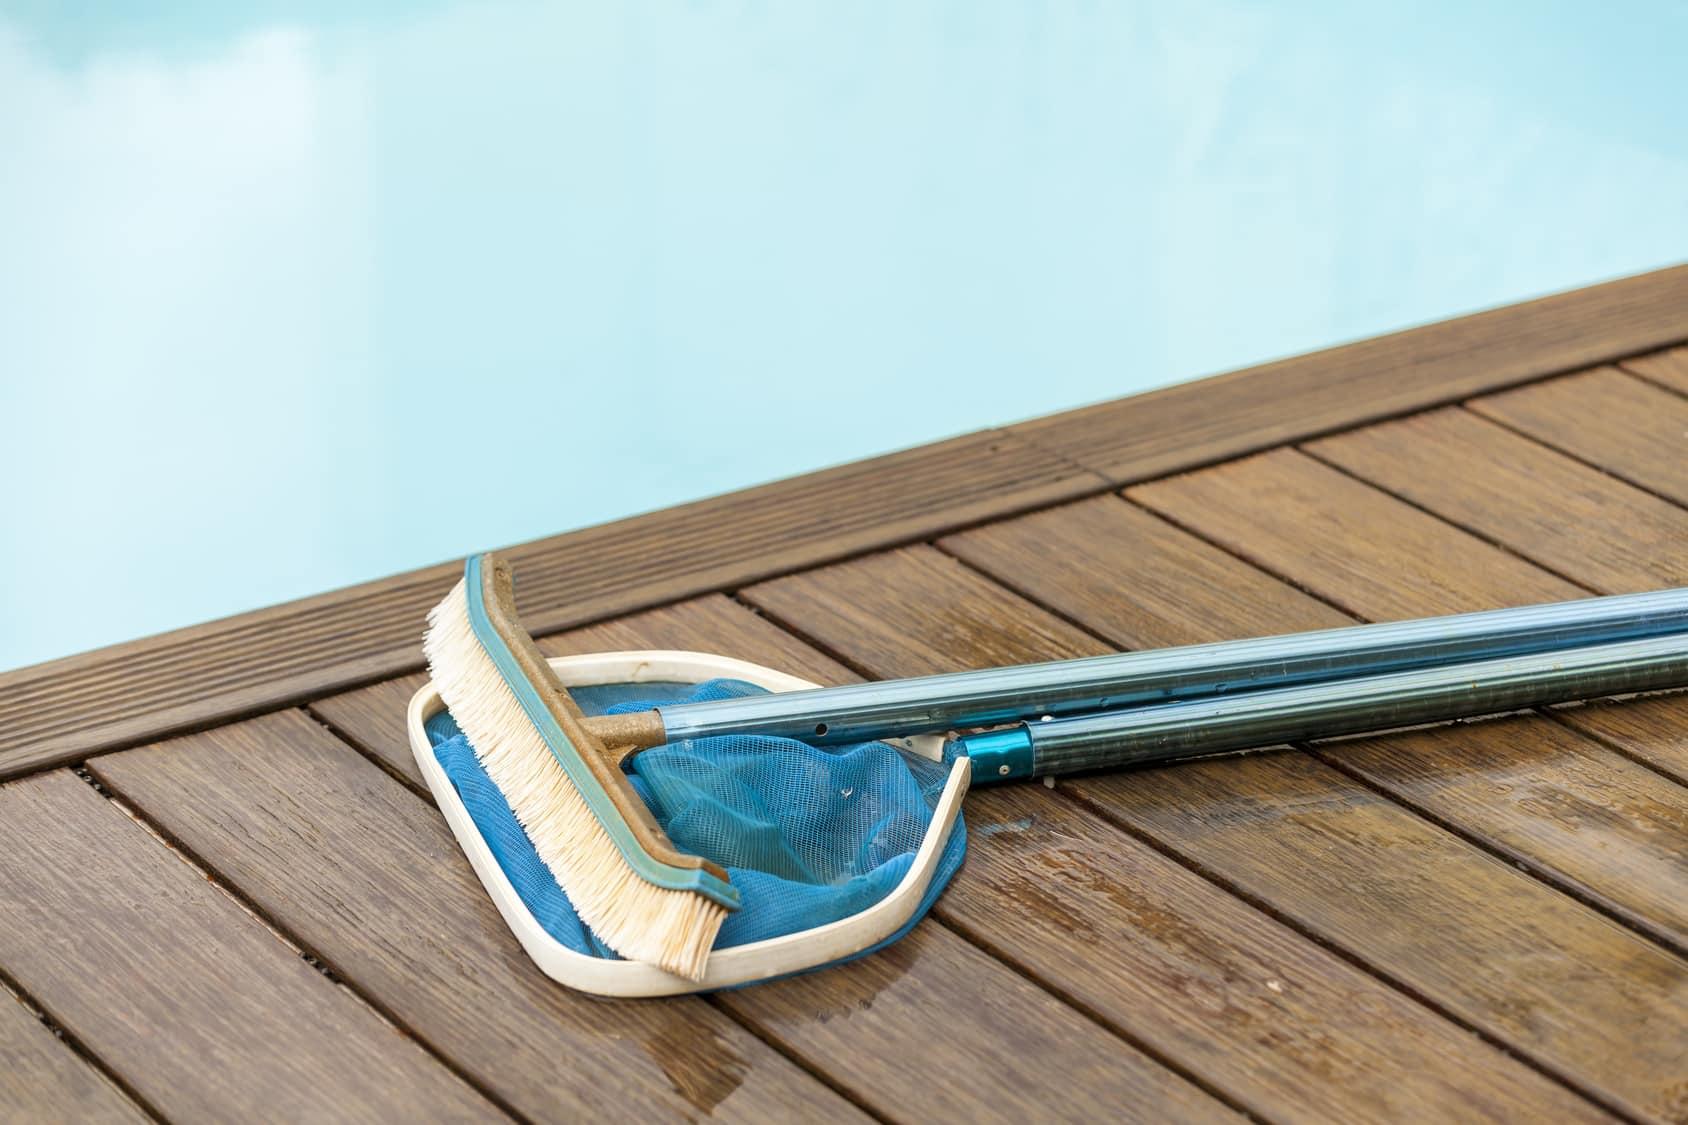 L 39 entretien d 39 une piscine produits filtration tous for Materiel filtration piscine